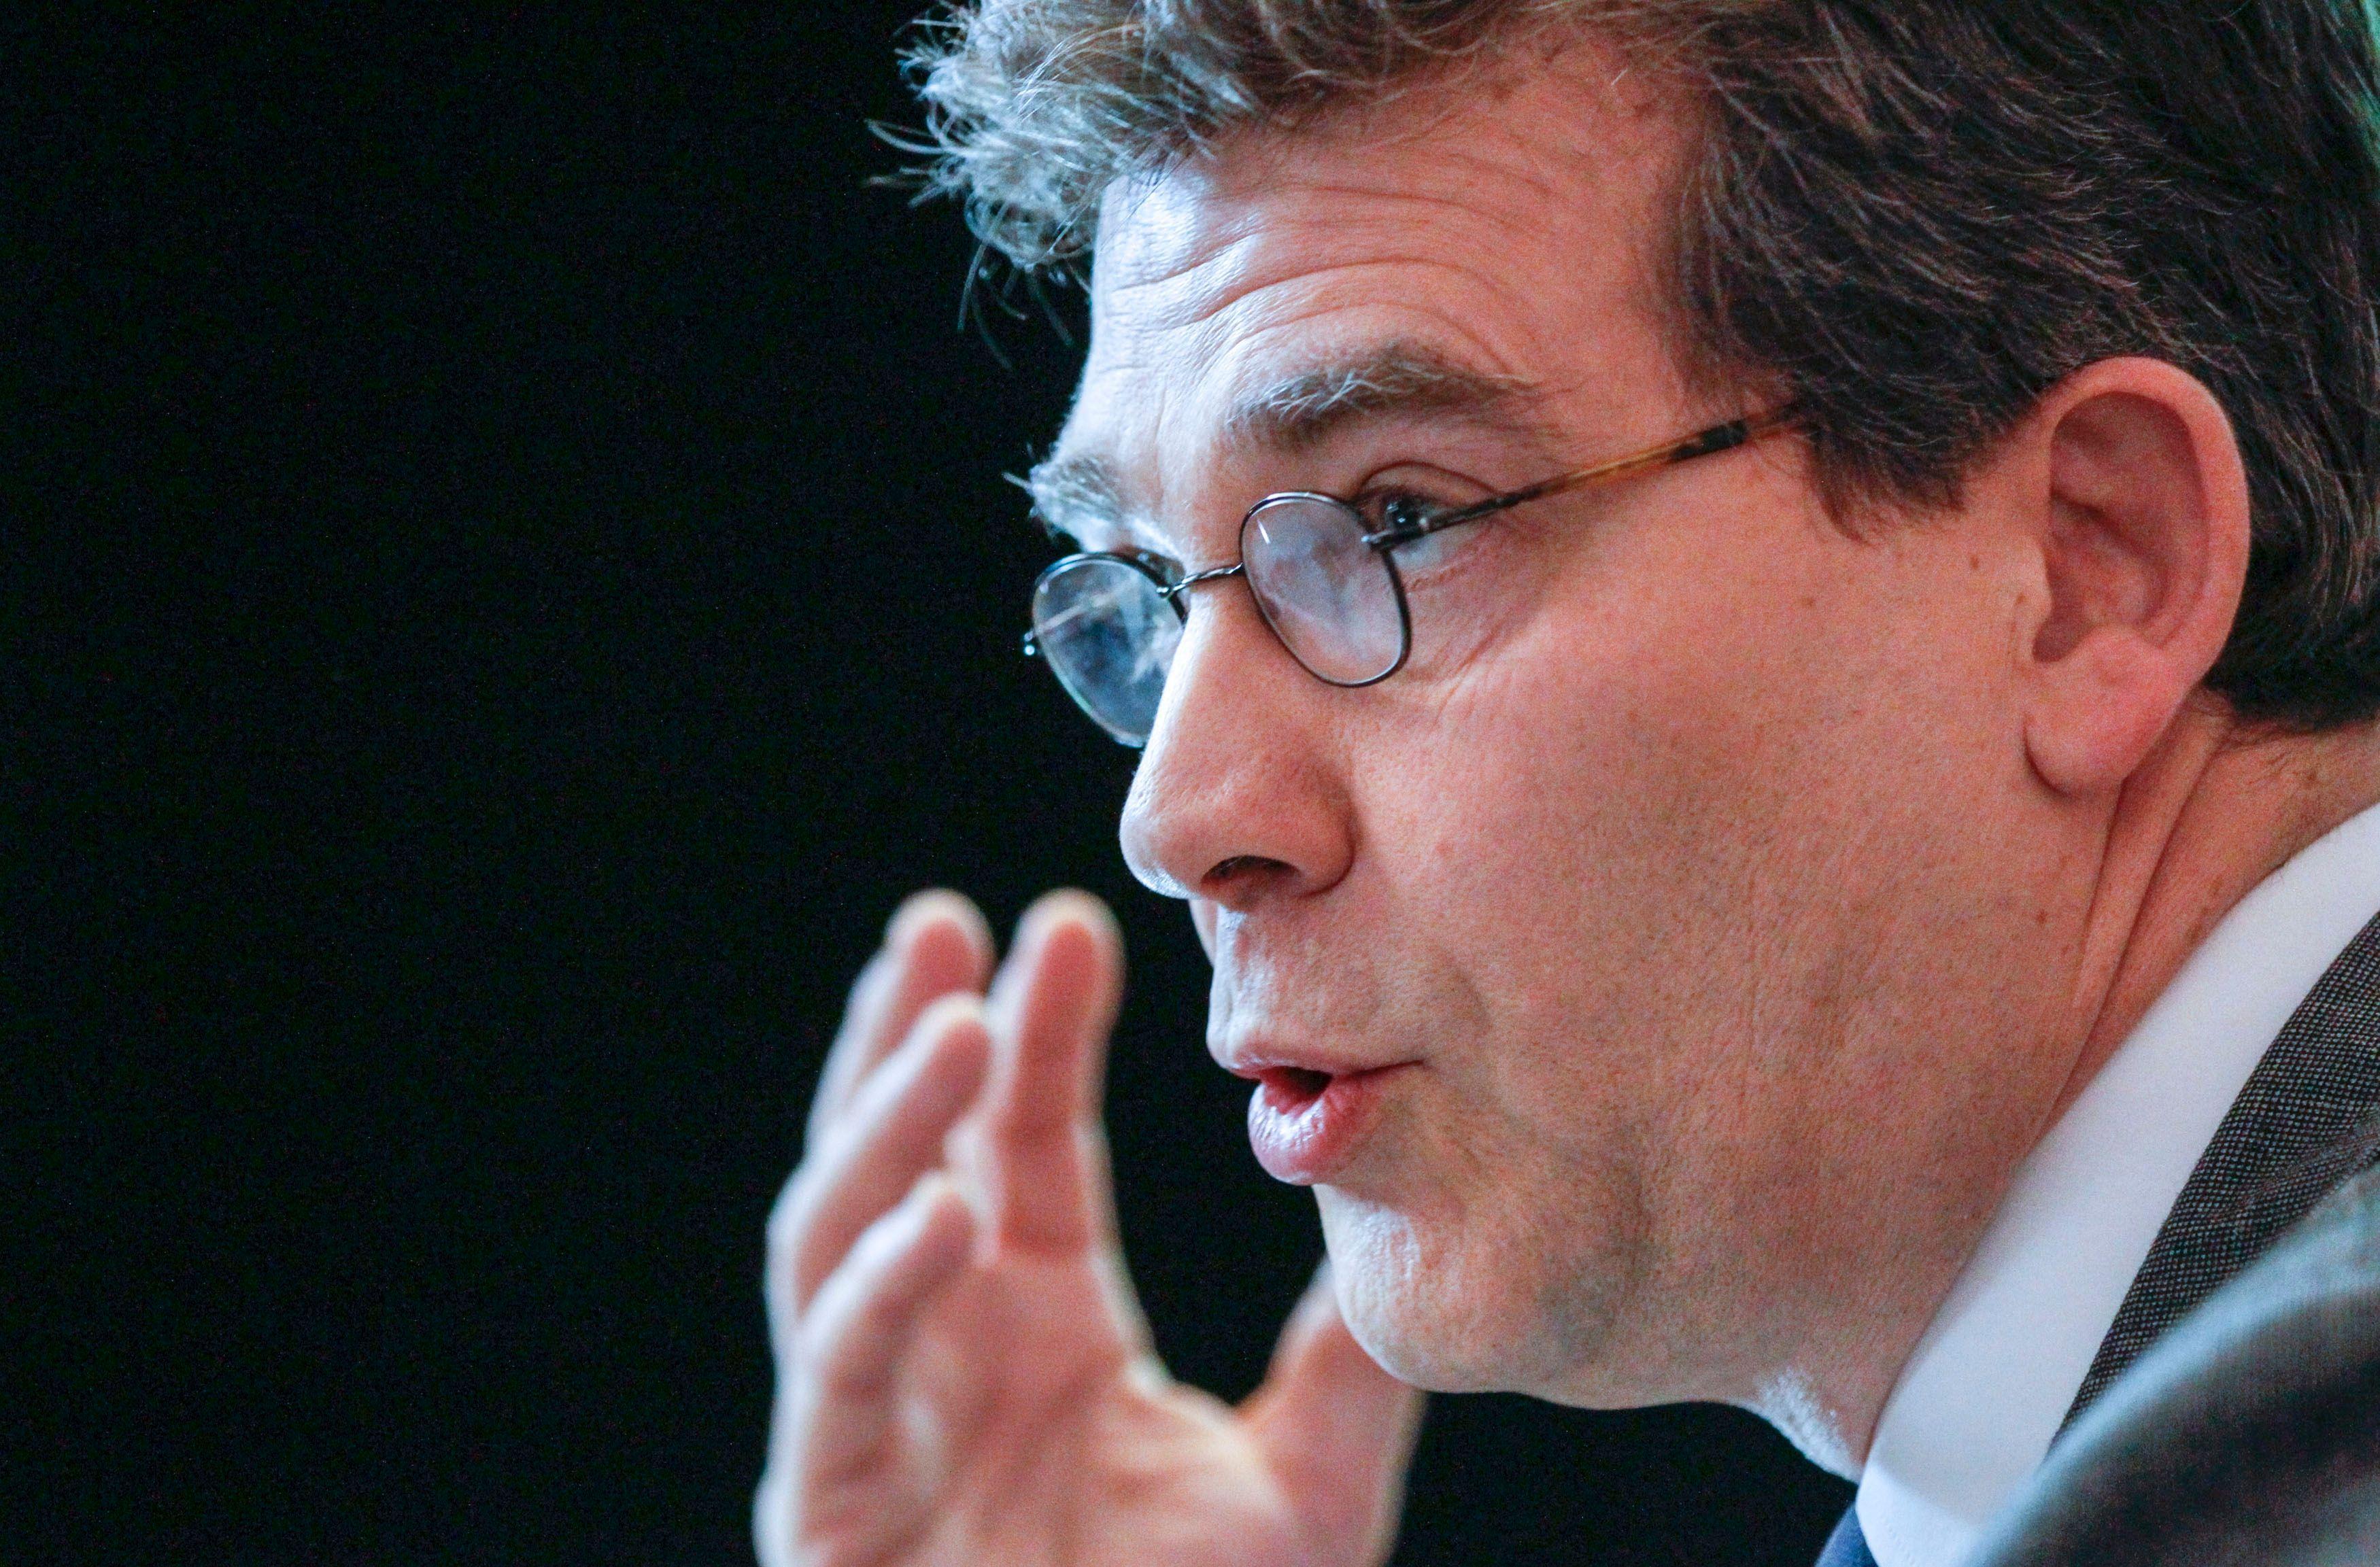 Le ministre du Redressement productif, Arnaud Montebourg, a attaqué mardi 25 février la direction générale de la concurrence de la Commission européenne